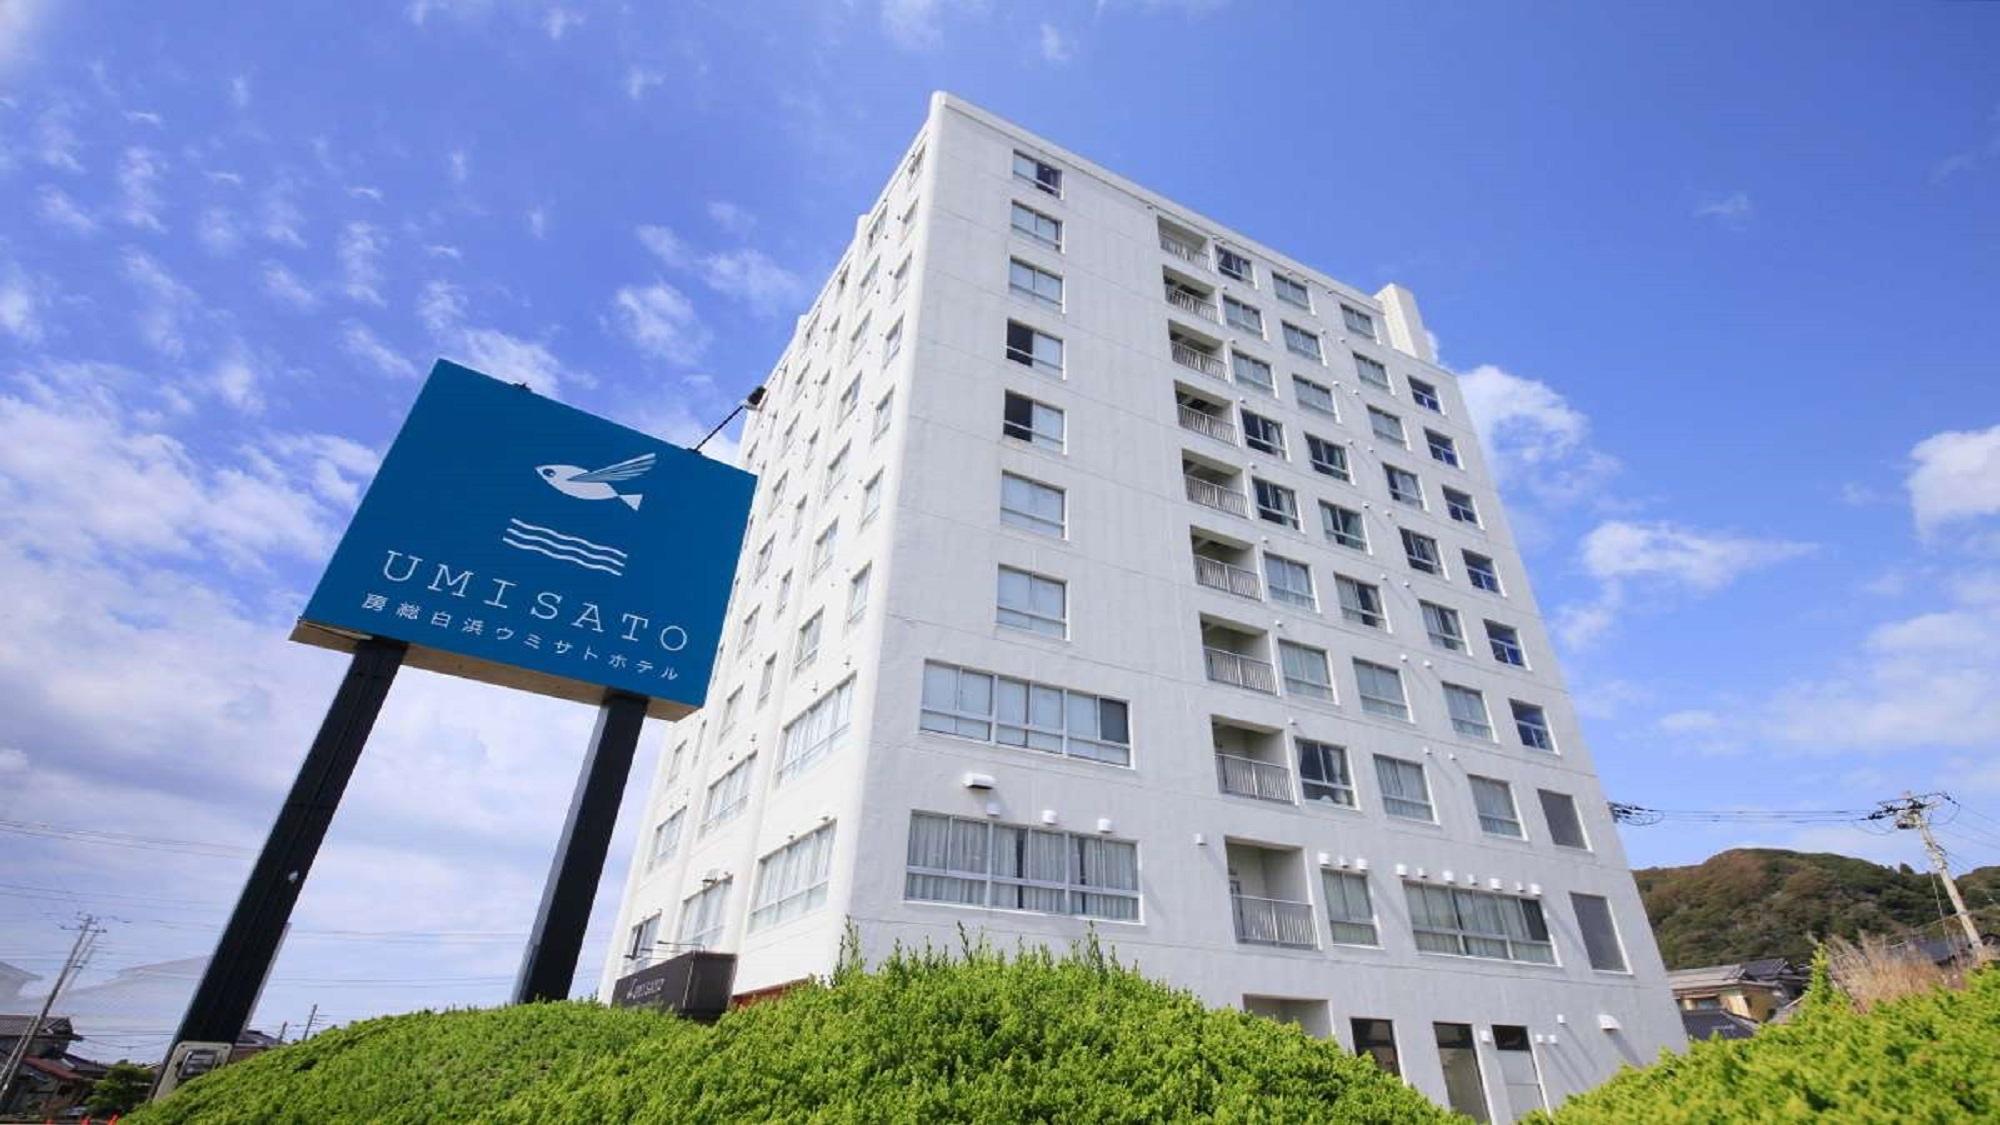 紀州鉄道 房総白浜ホテル◆楽天トラベル